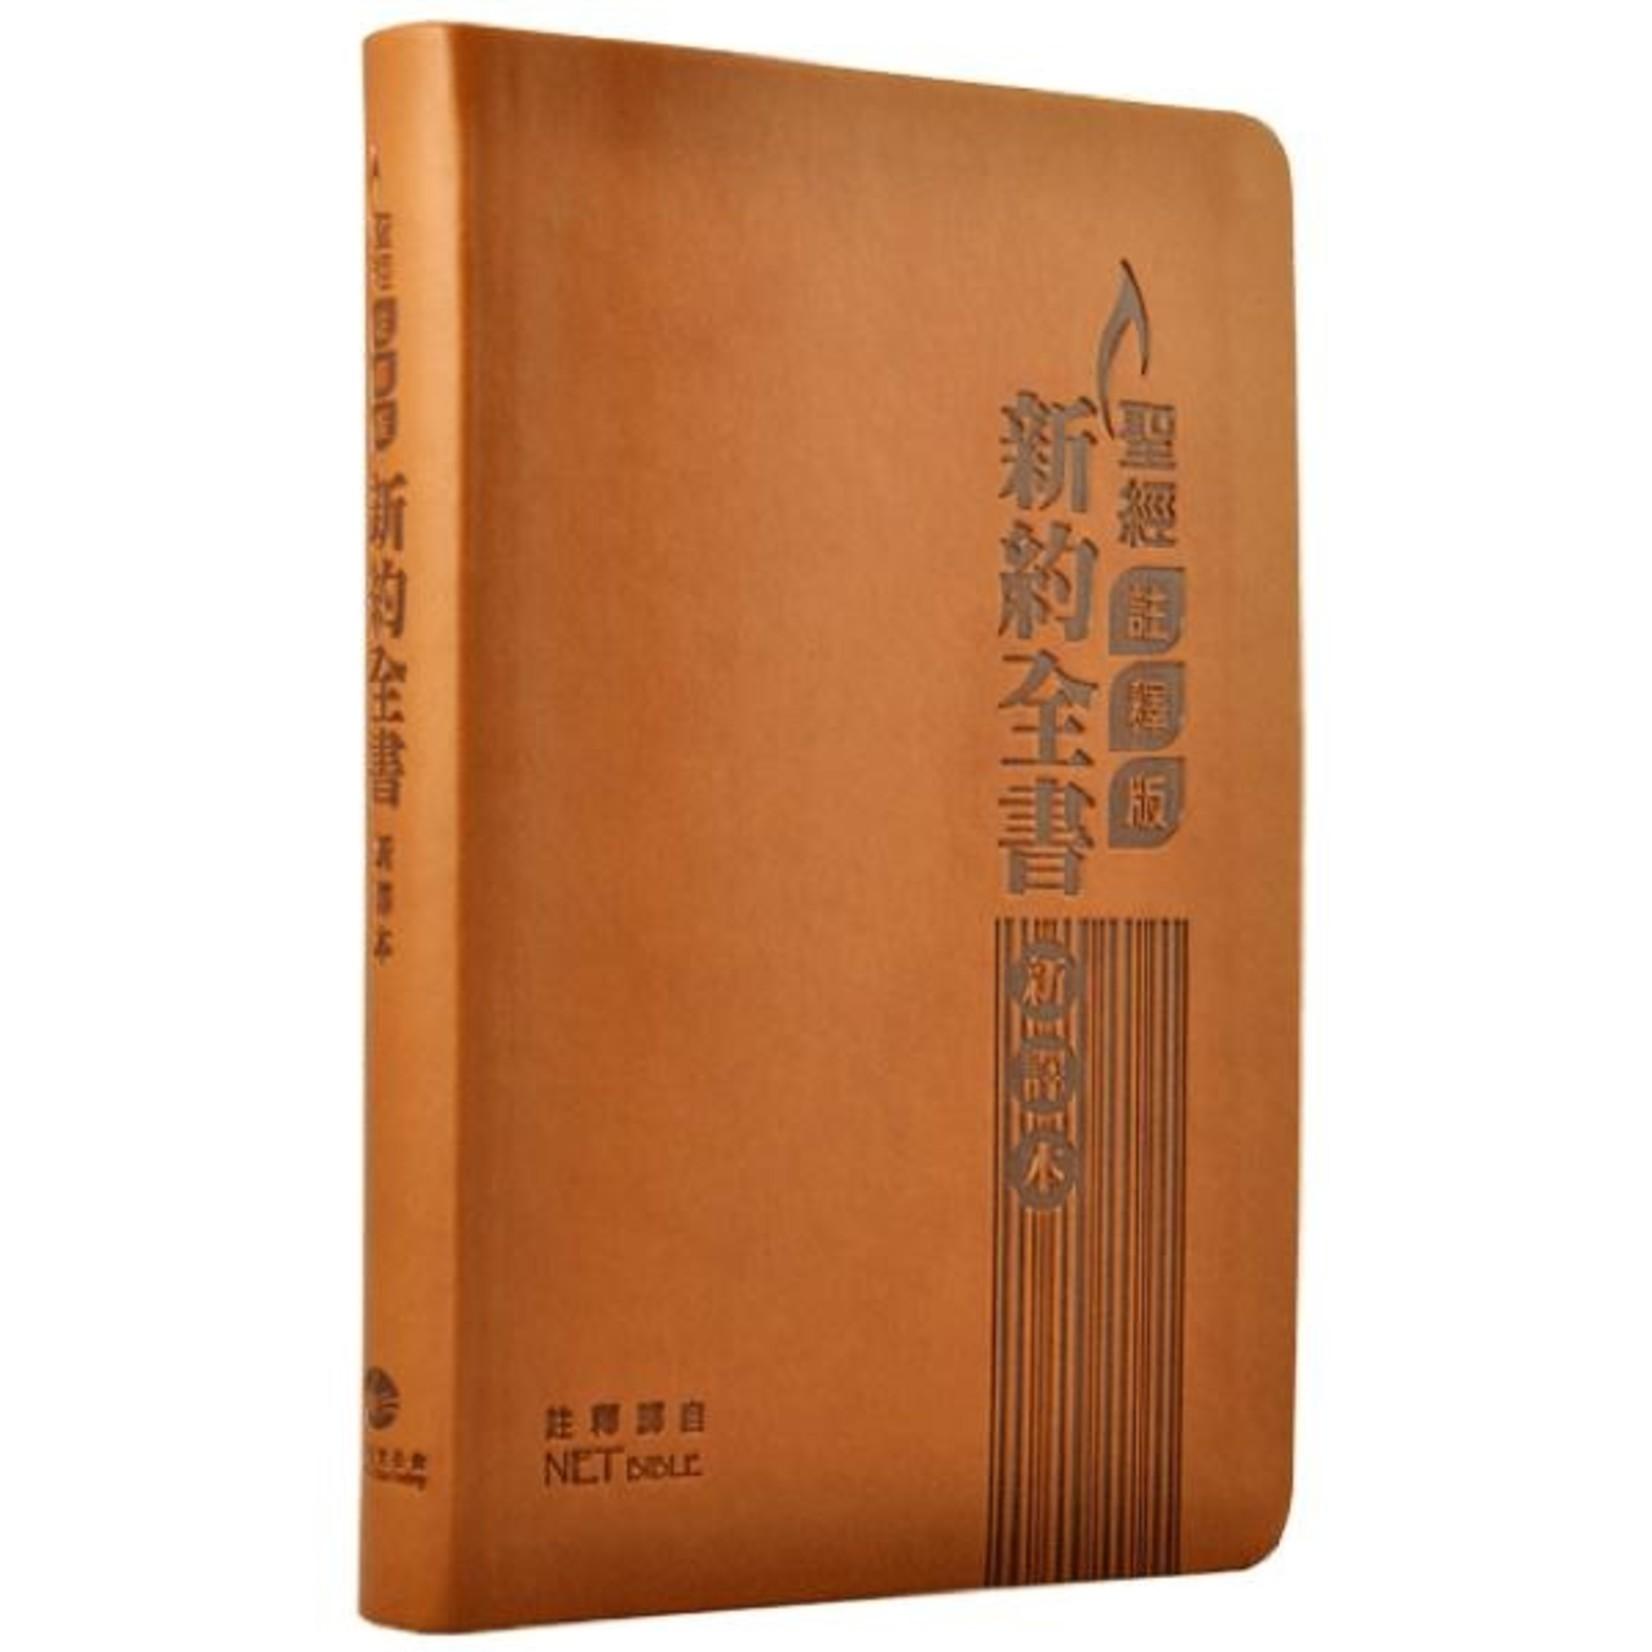 環球聖經公會 The Worldwide Bible Society 聖經.新約全書.新譯本註釋版.繁體標準裝.皮面金邊